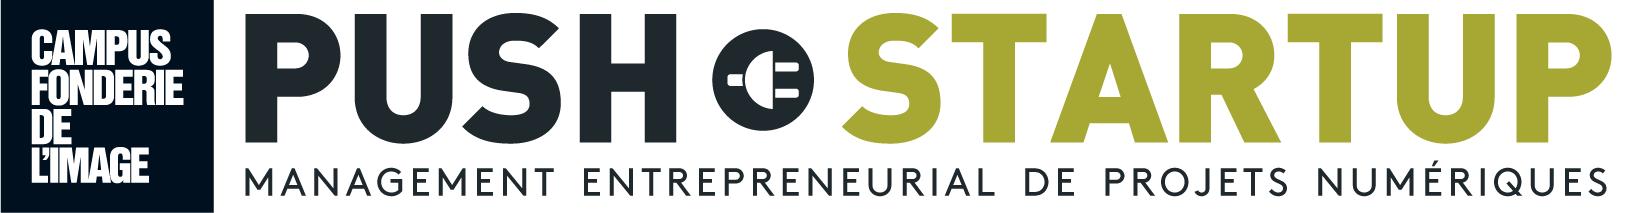 Push startup